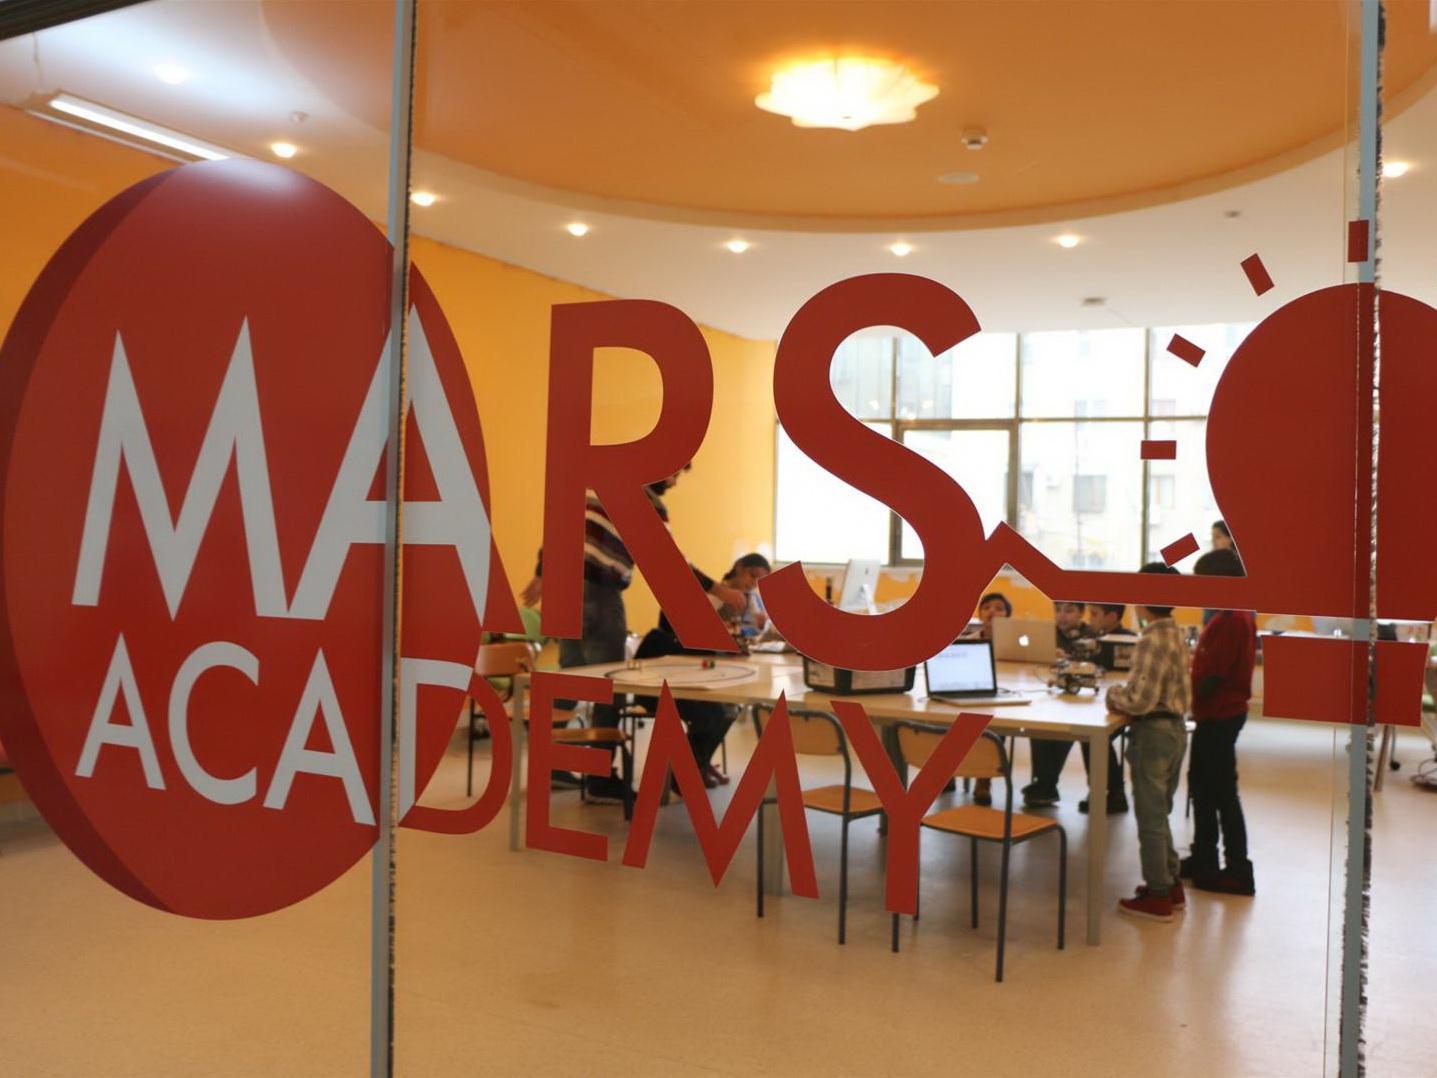 Mars Academy – здесь дети могут пробовать себя в разных технологических областях, становясь профессионалами будущего – ФОТО – ВИДЕО